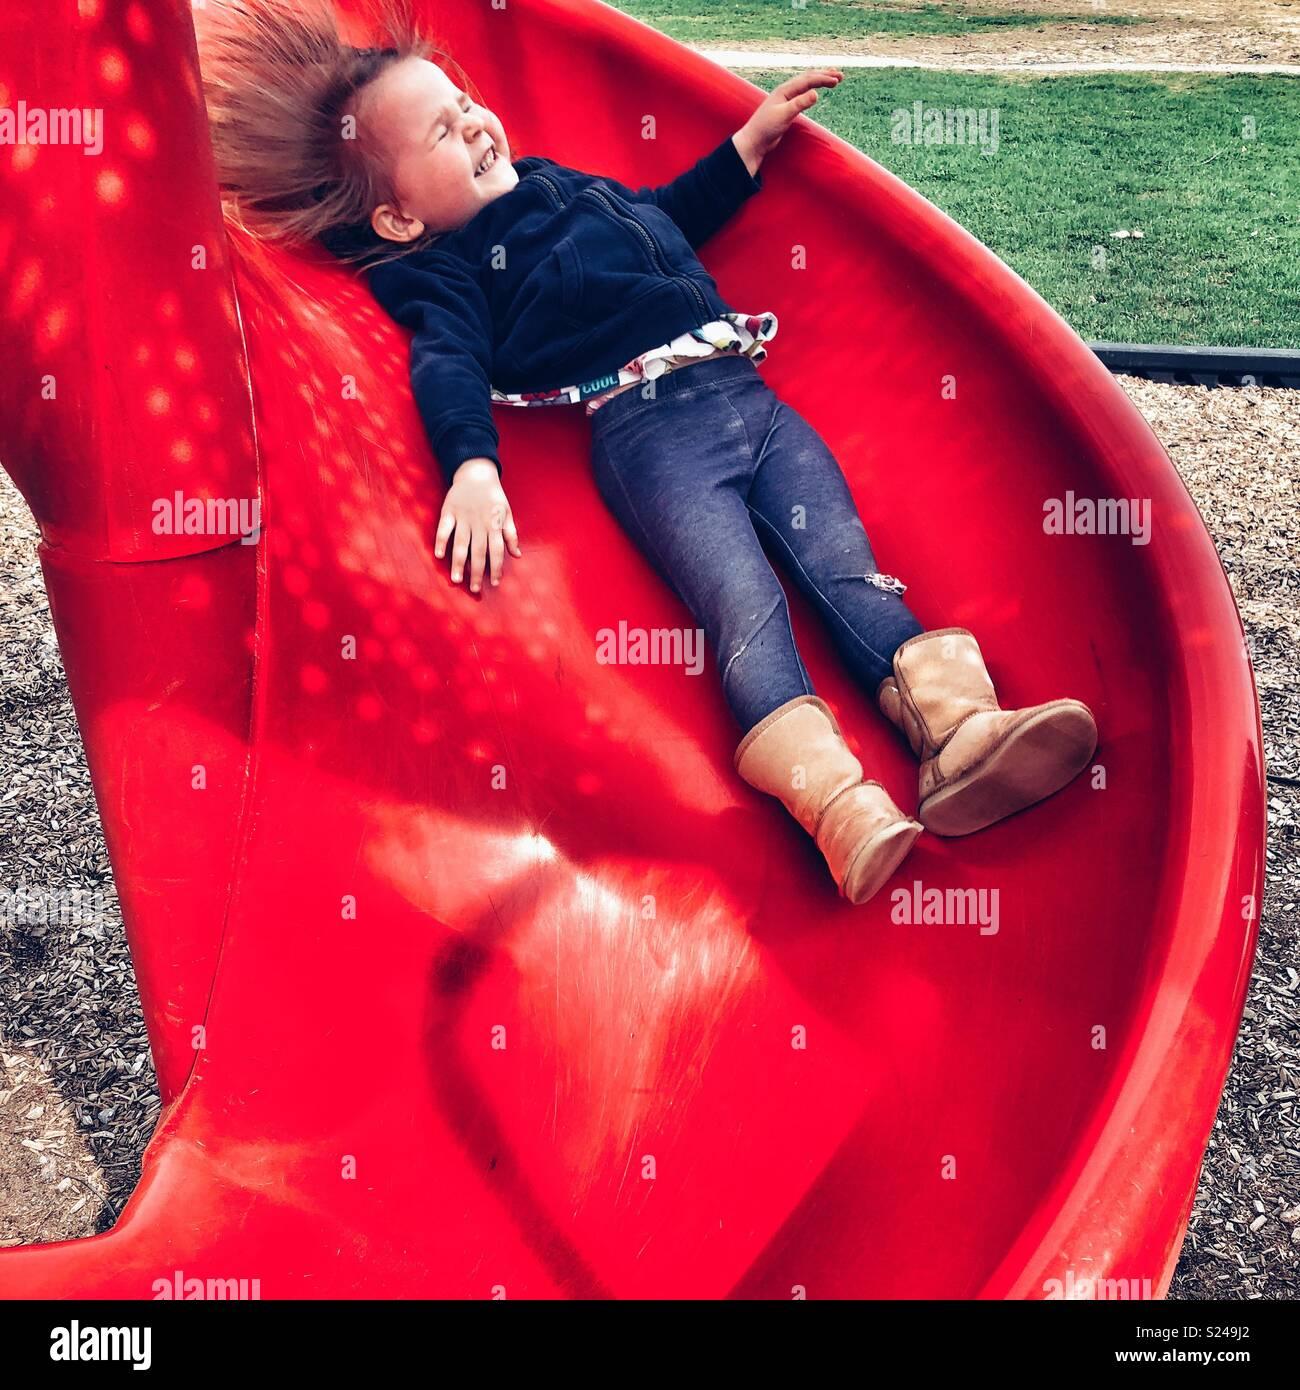 Kleinkind Mädchen glücklich lächelnd, während Sie einen roten Rutschbahn Stockbild